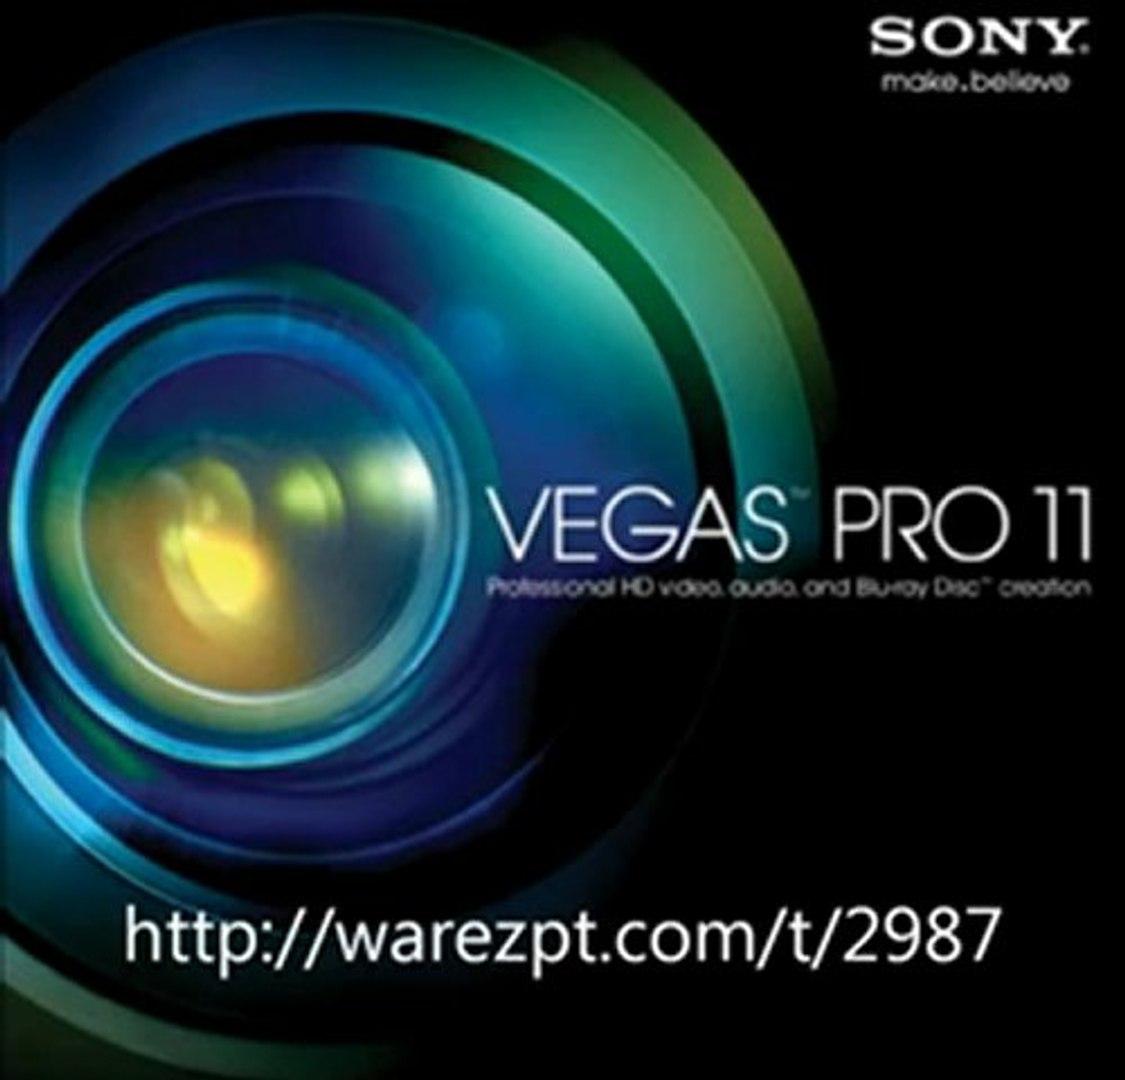 sony vegas pro 11 keygen 32 bit free download